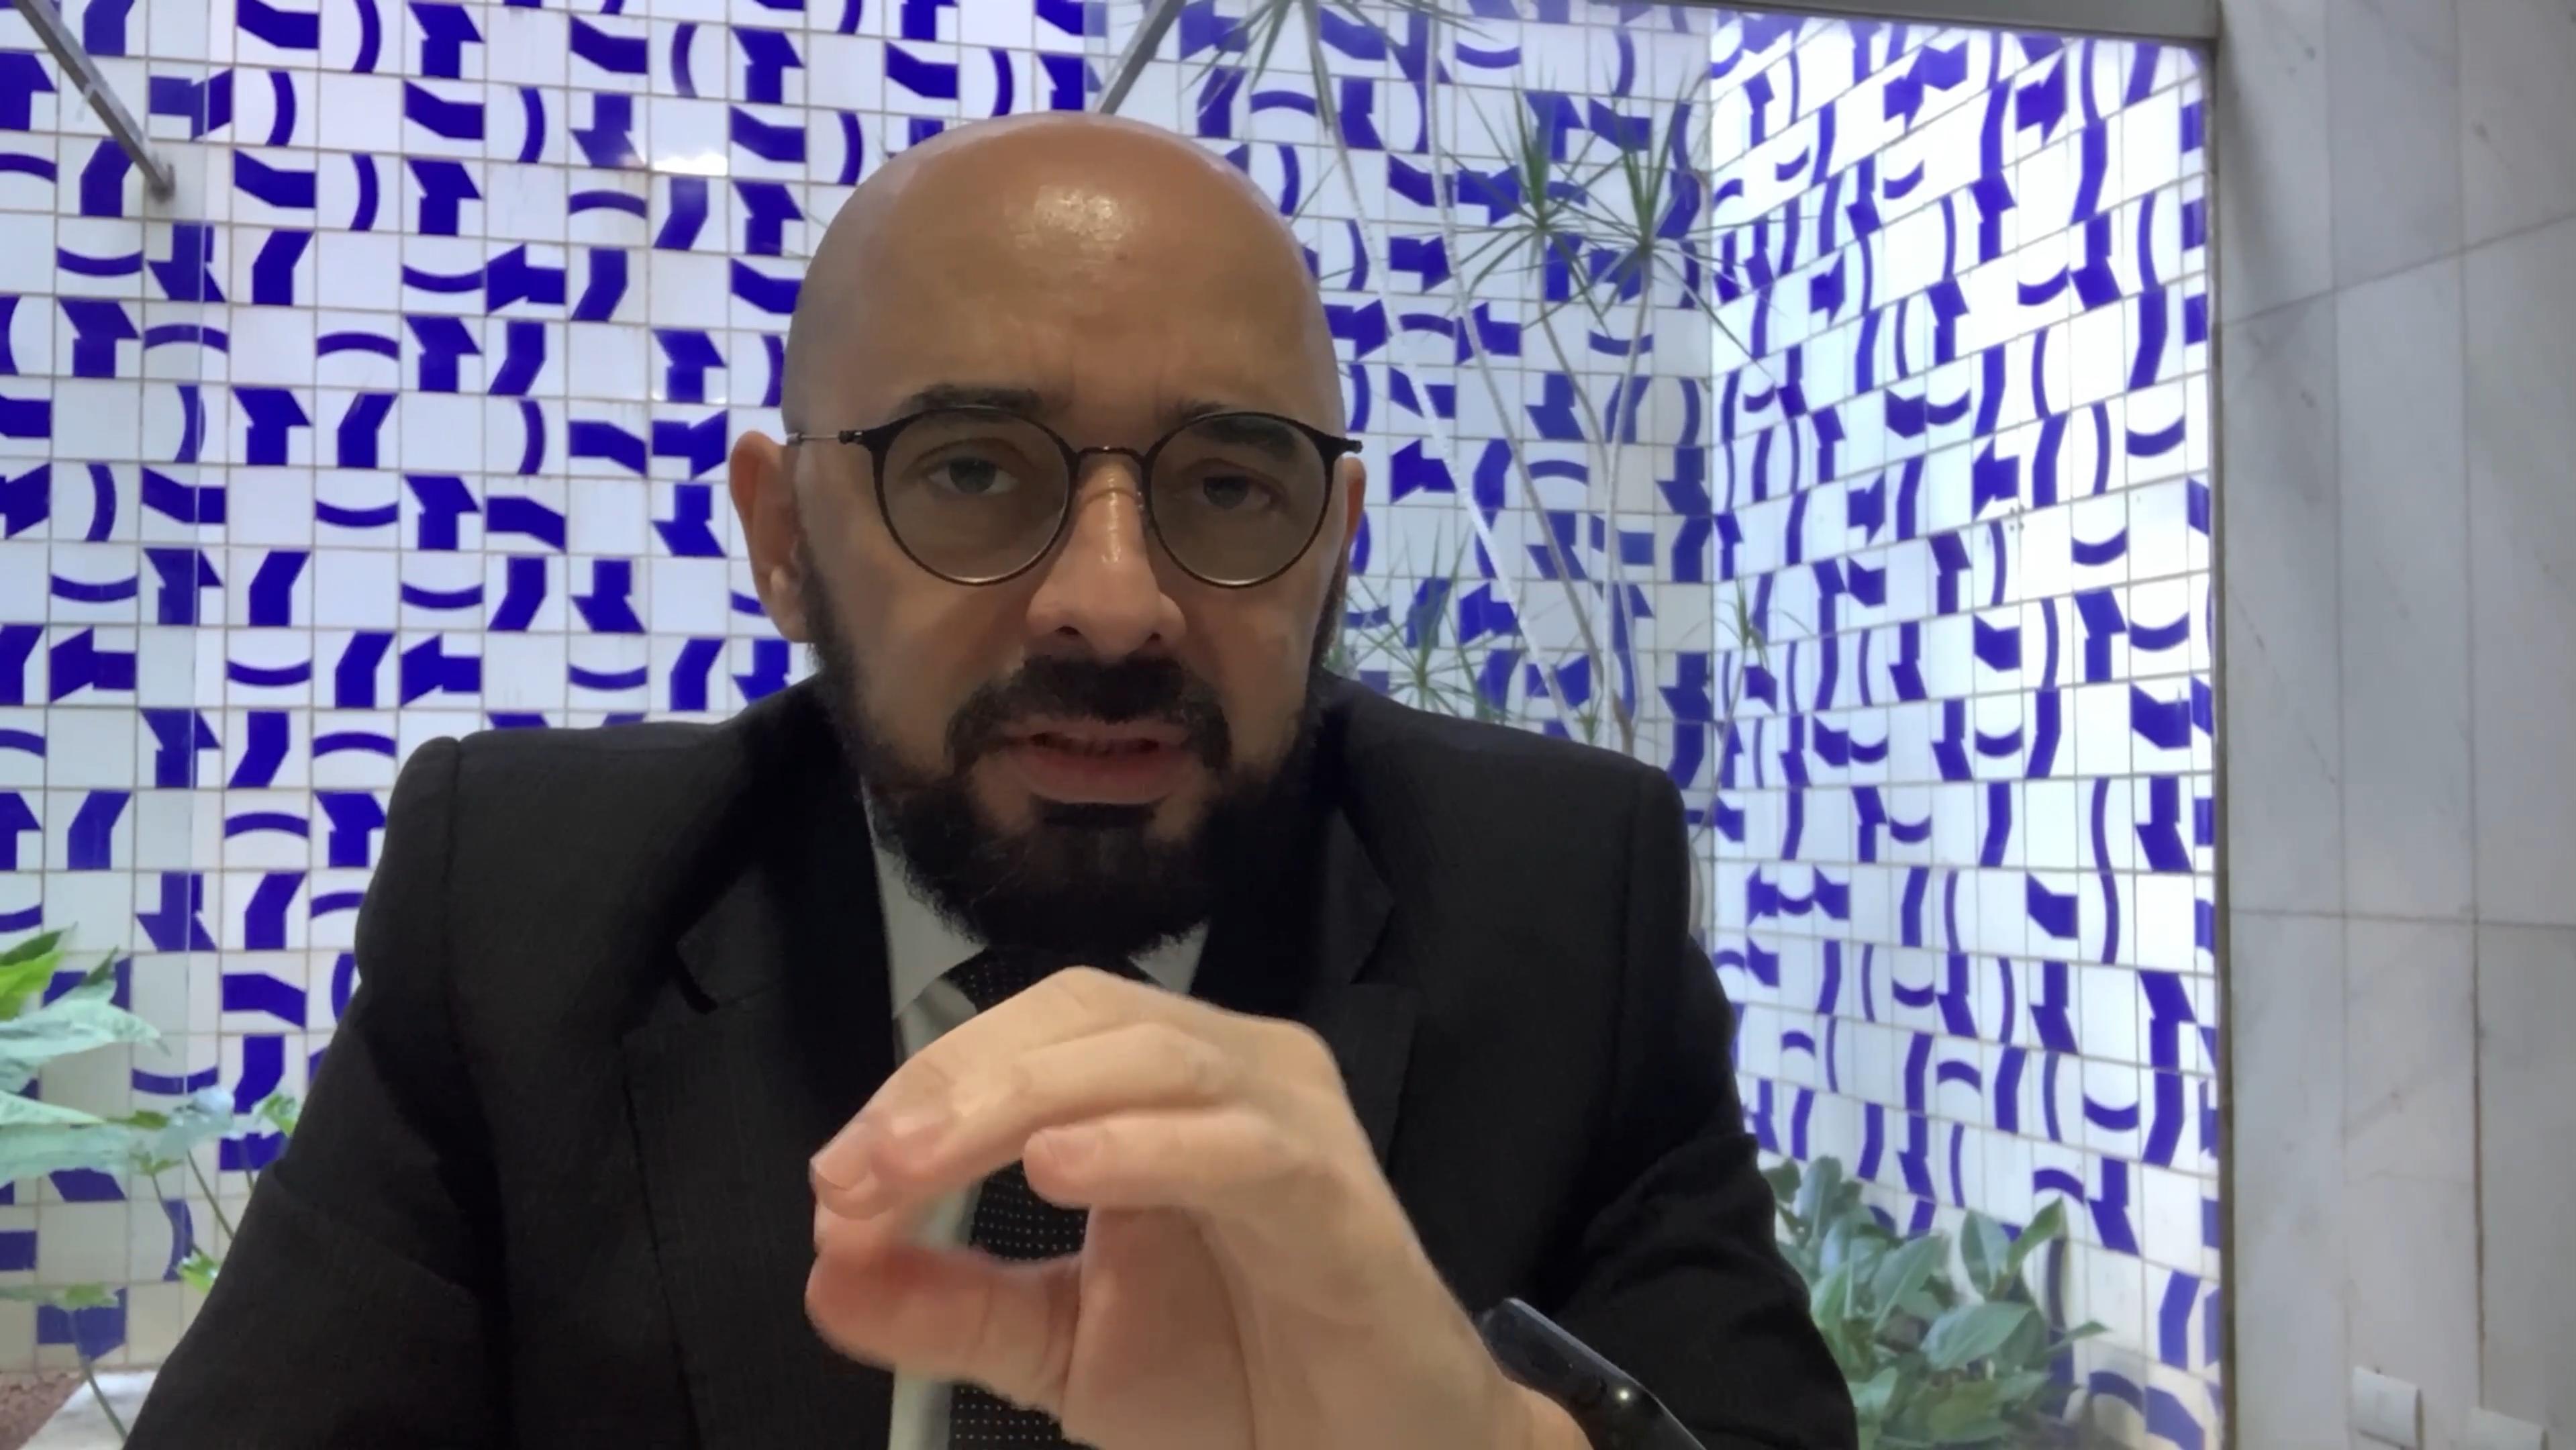 As próximas eleições não serão dos candidatos radicais, diz marqueteiro Cristovão Pinheiro